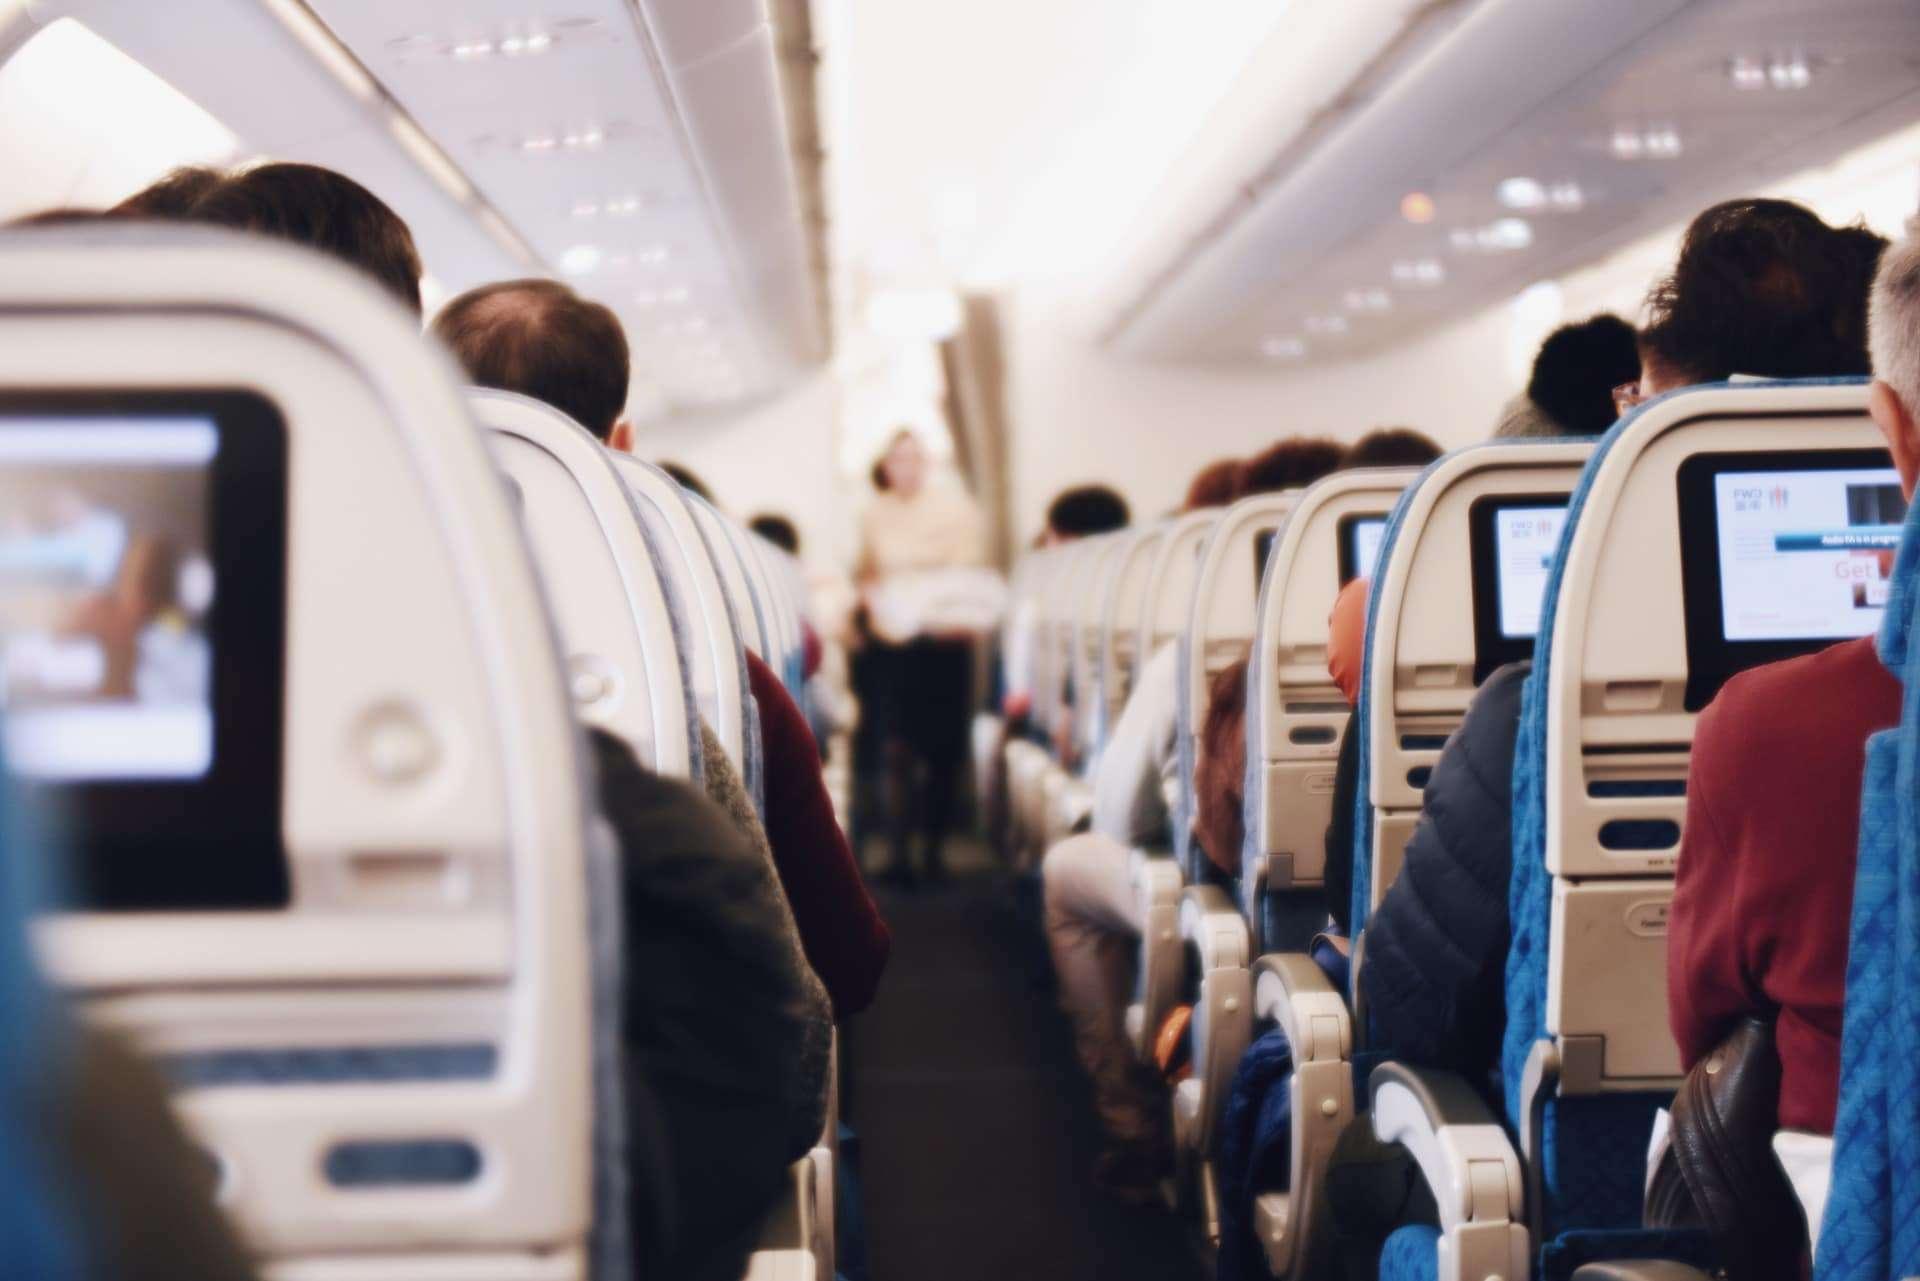 Quale posto scegliere sull'aereo? I posti migliori e quelli da evitare